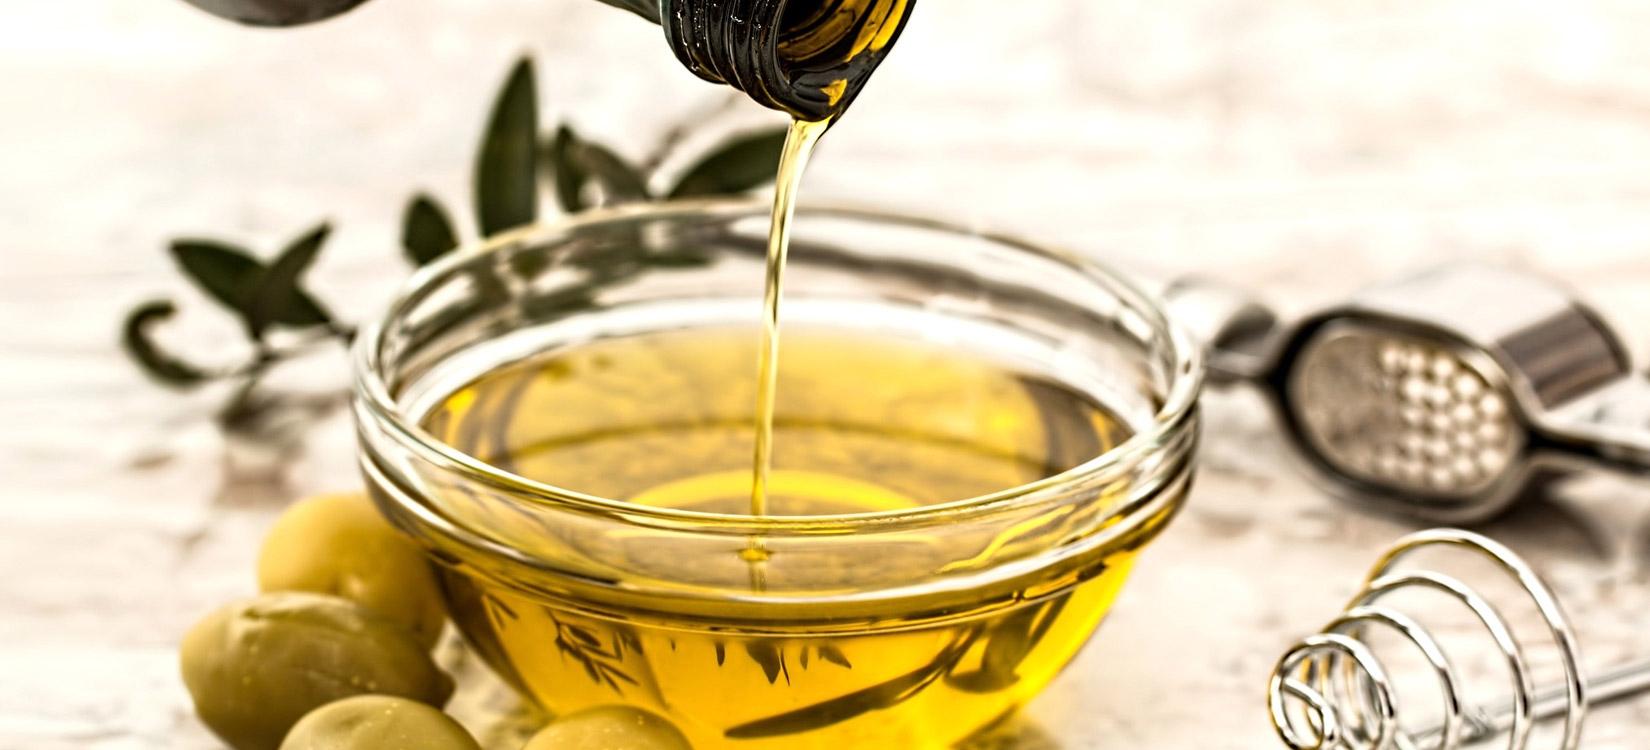 Griechisches Olivenöl direkt vom Erzeuger kaufen